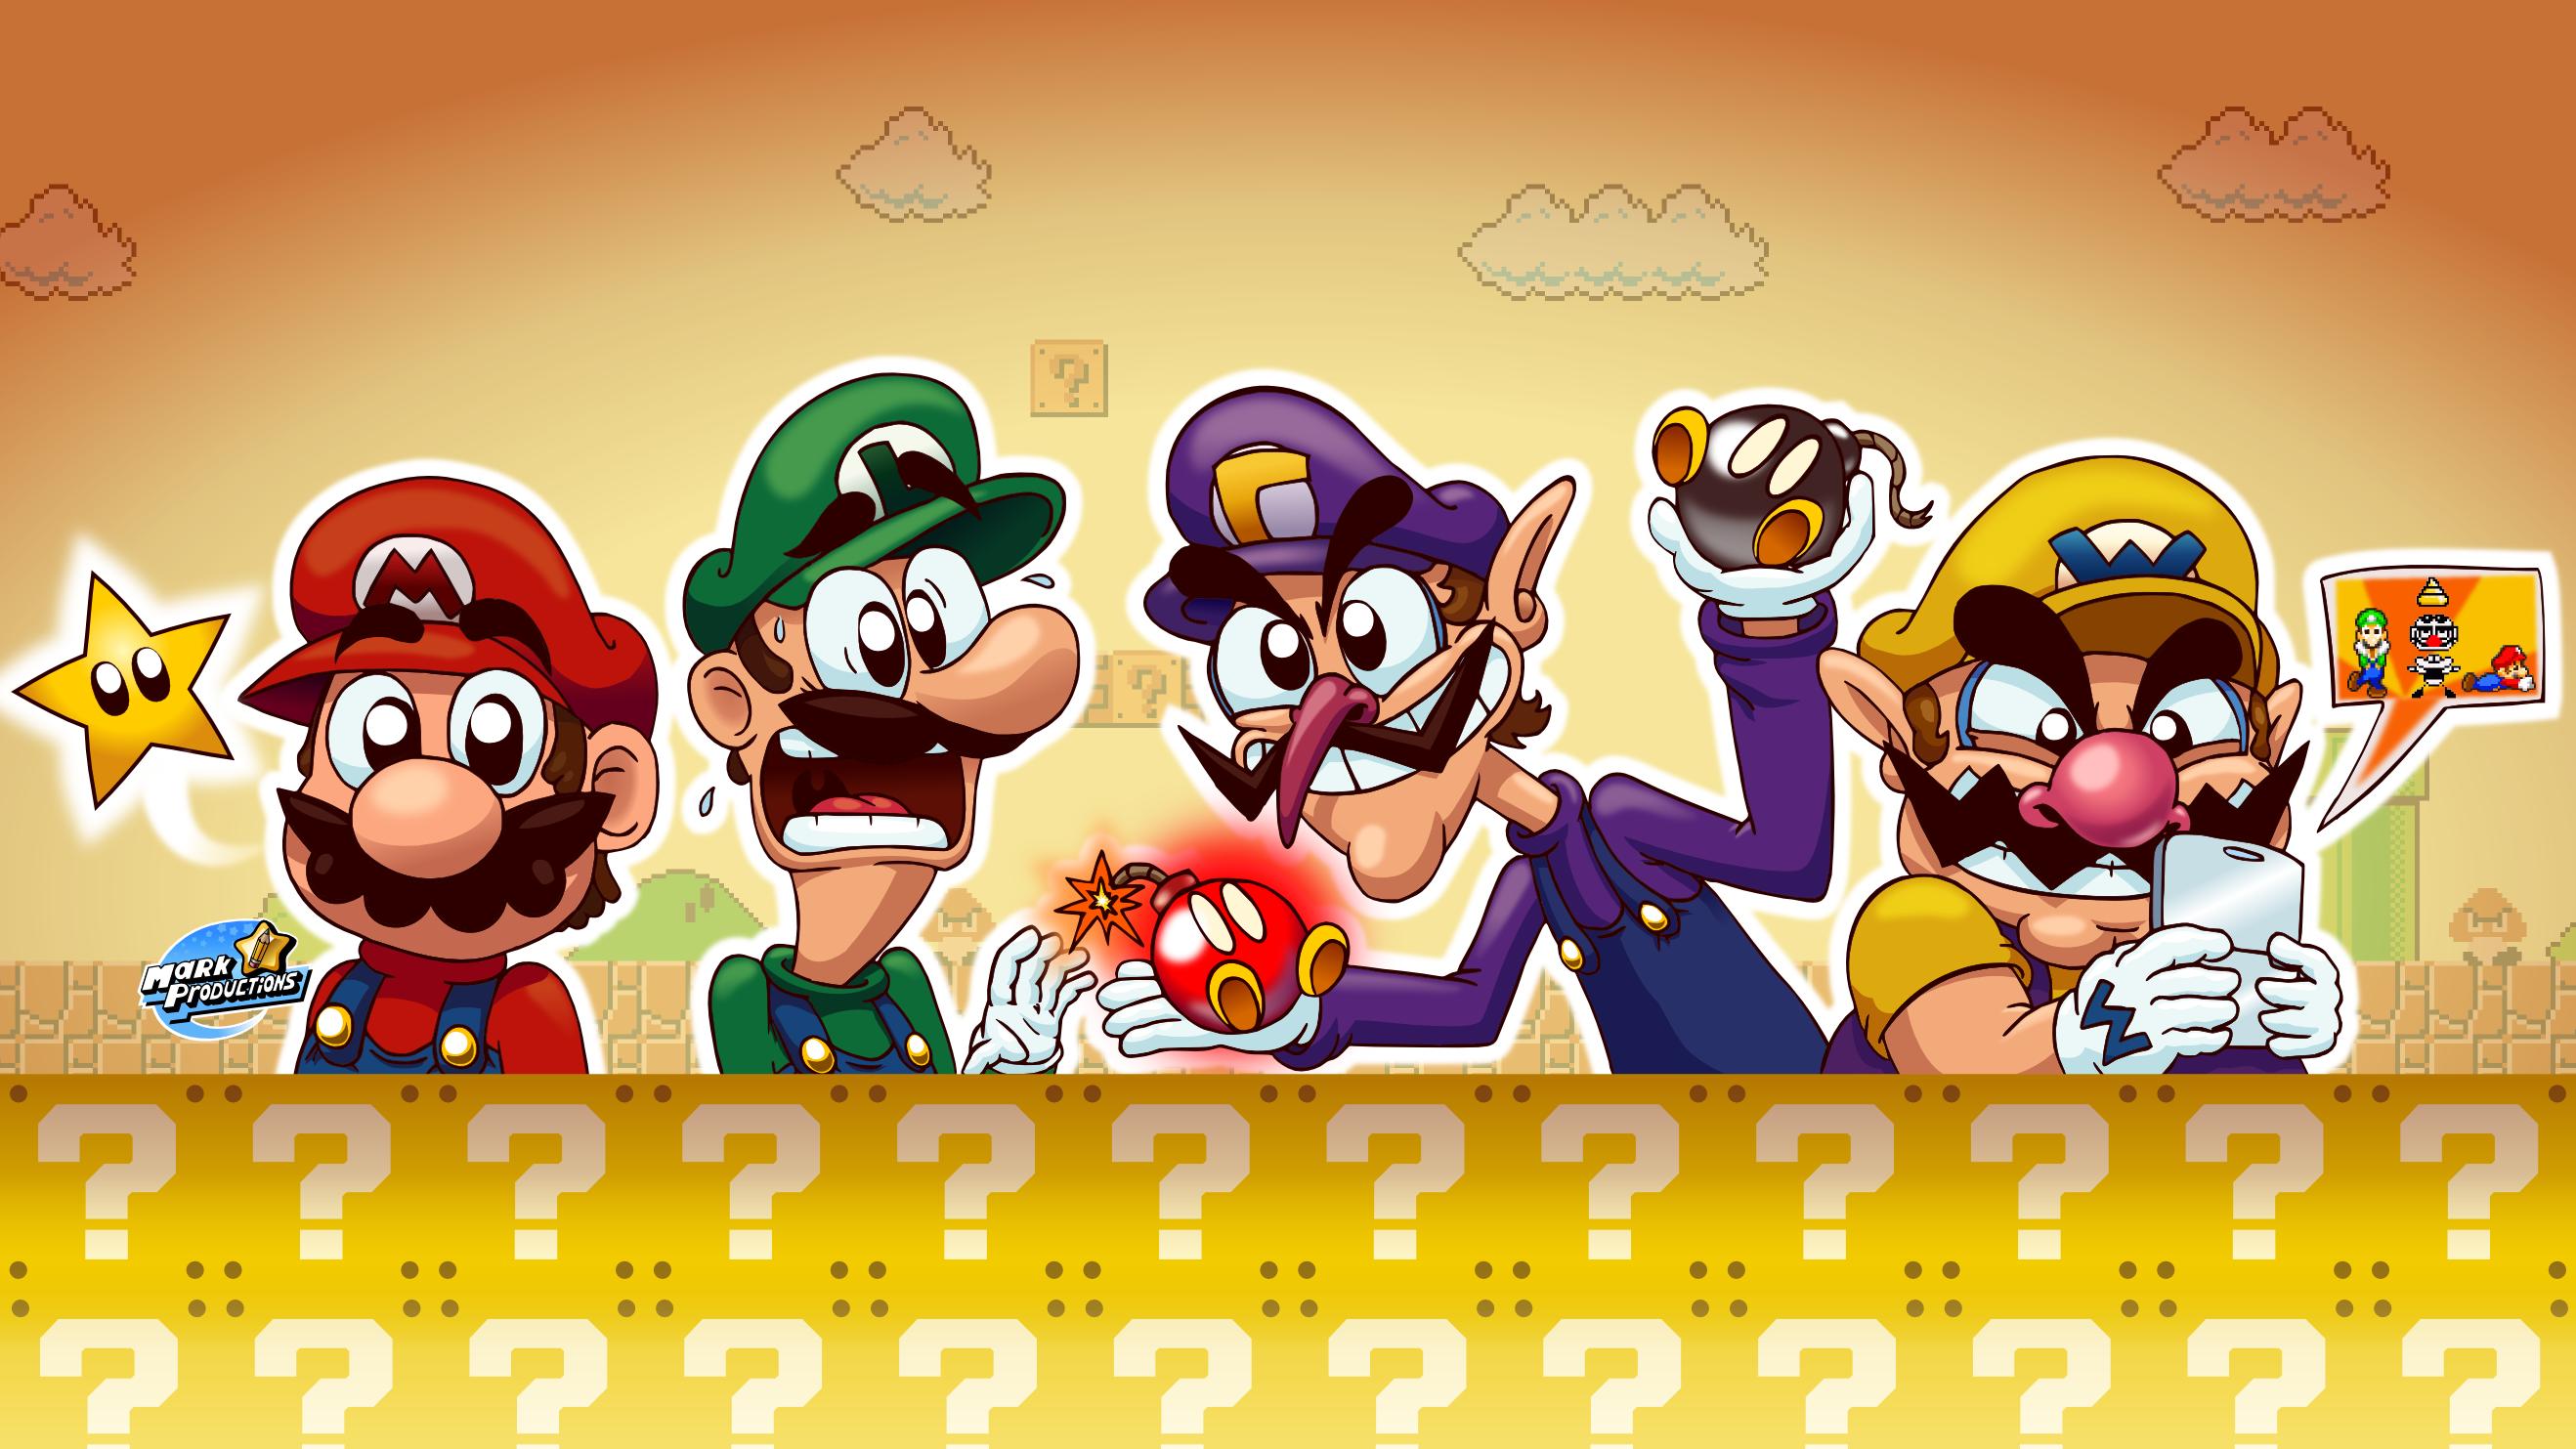 коллекцию вошли персонажи игры марио брос первопроходцы фотосъемки применяли